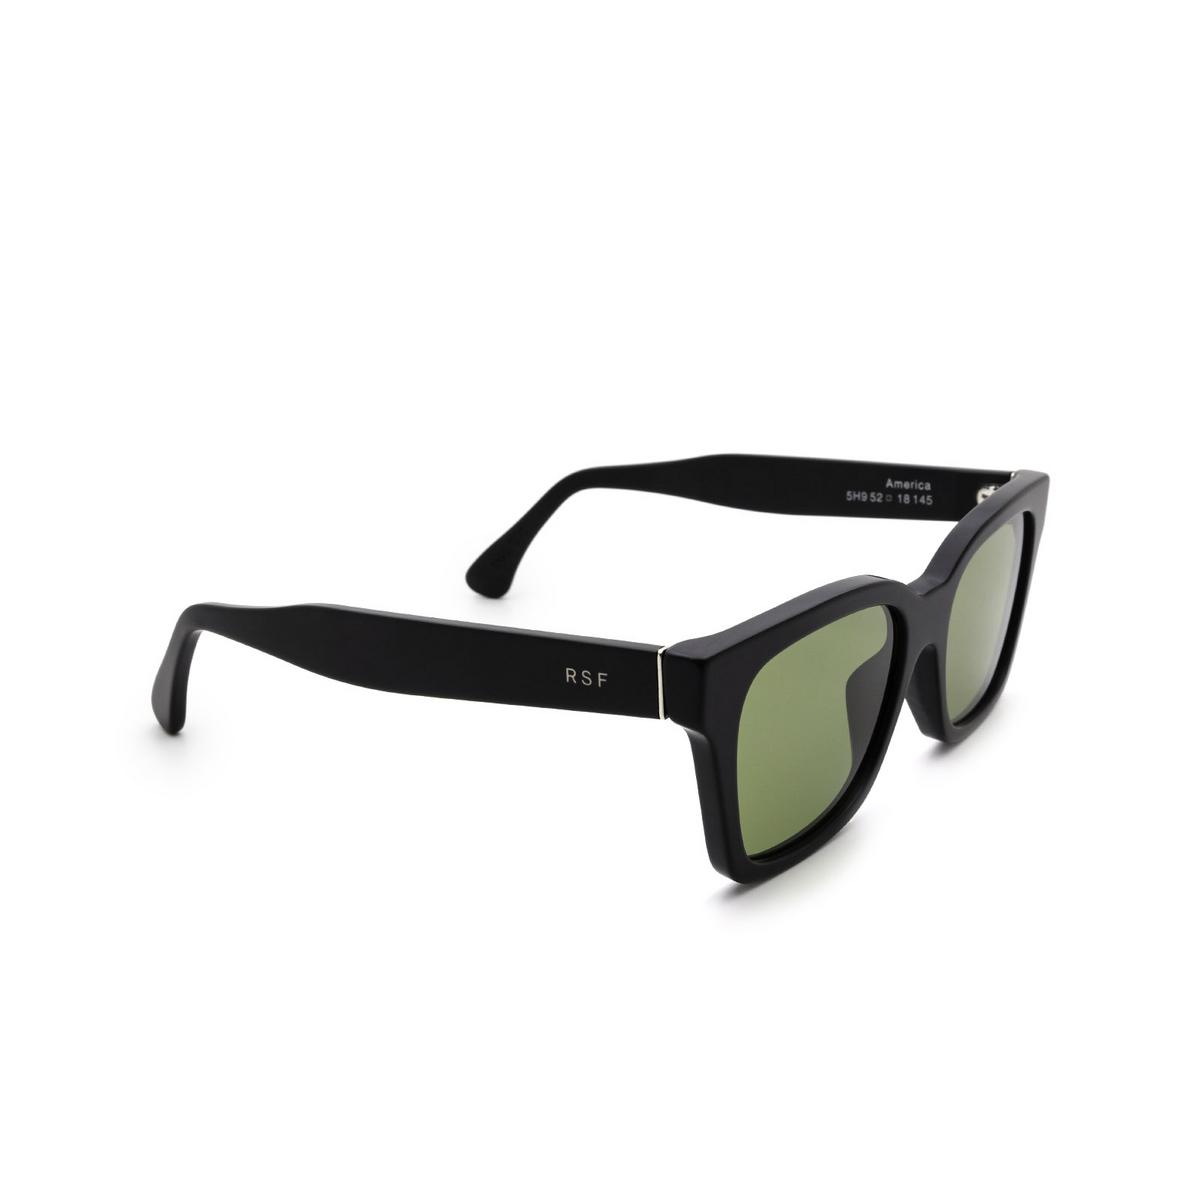 Retrosuperfuture® Square Sunglasses: America color Black Matte 5H9 - three-quarters view.